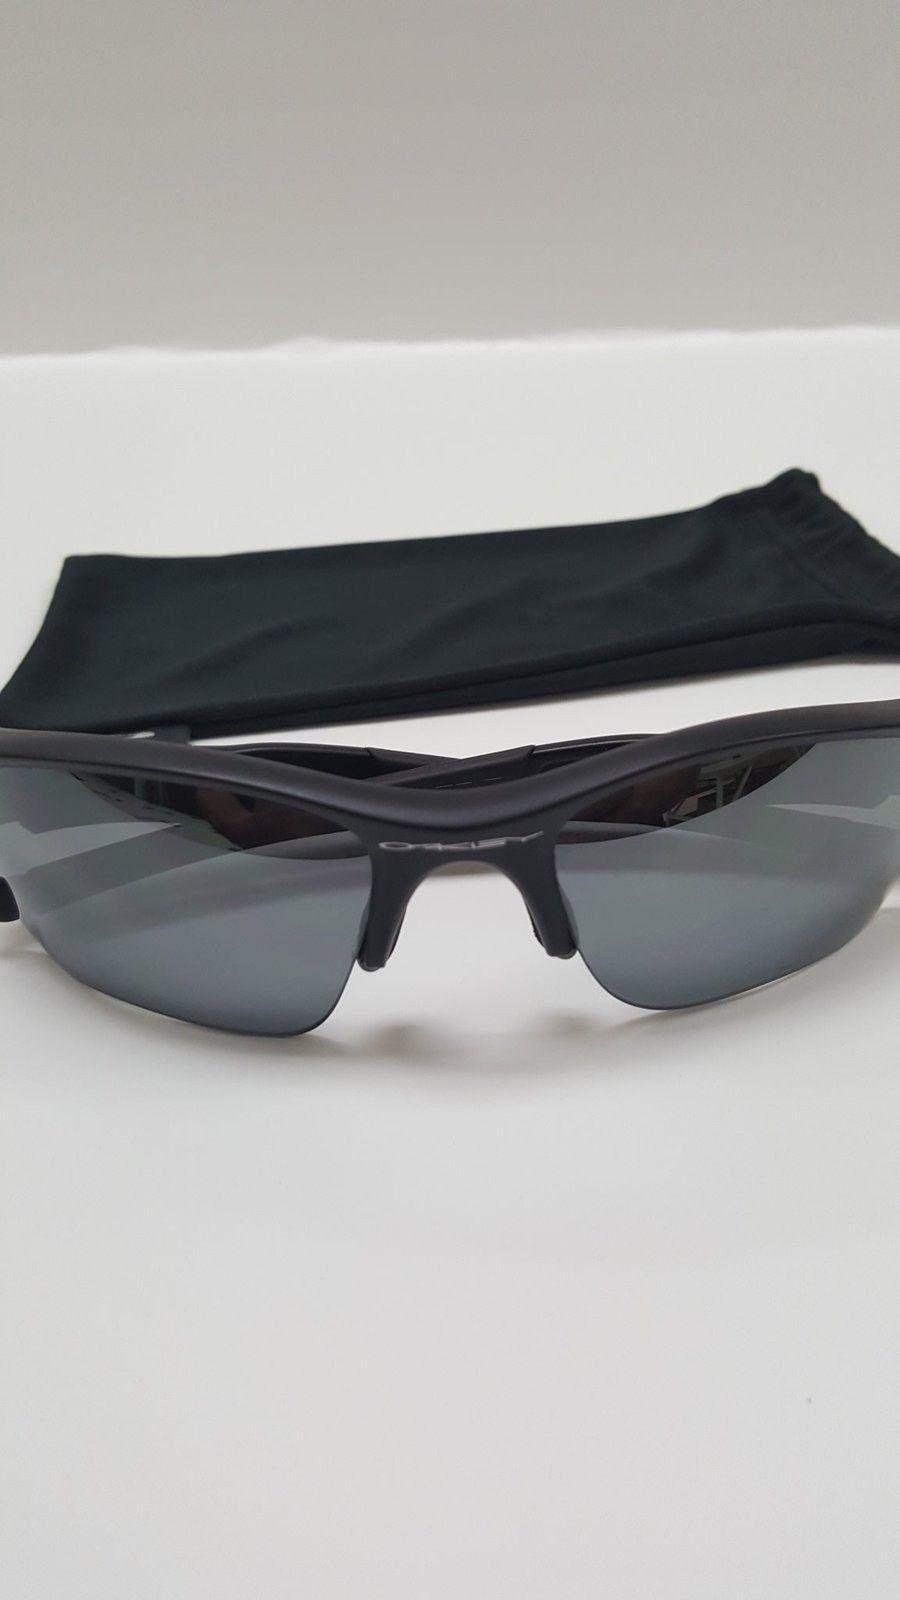 PRICE 2 MOVE - Flak Matte Black / Black Iridium Polarized Lens - 70.00 Shipped - 20151006_150148.jpg.jpeg